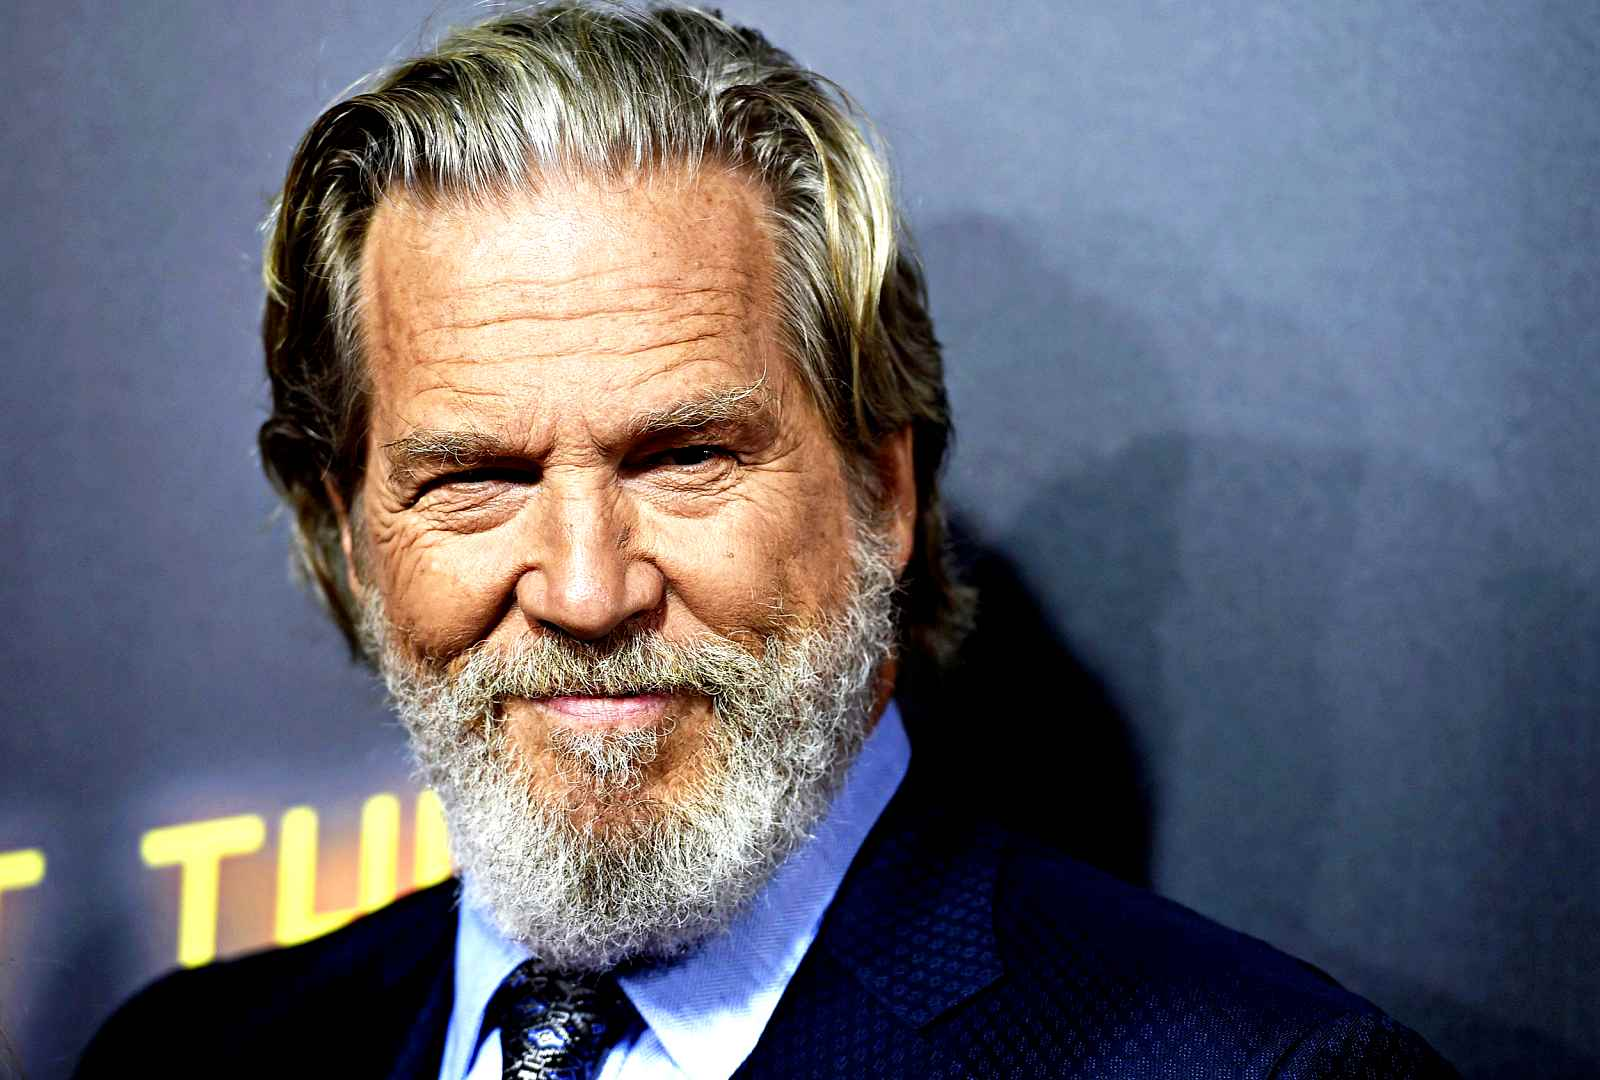 L'attore premio Oscar Jeff Bridges annuncia di avere un linfoma